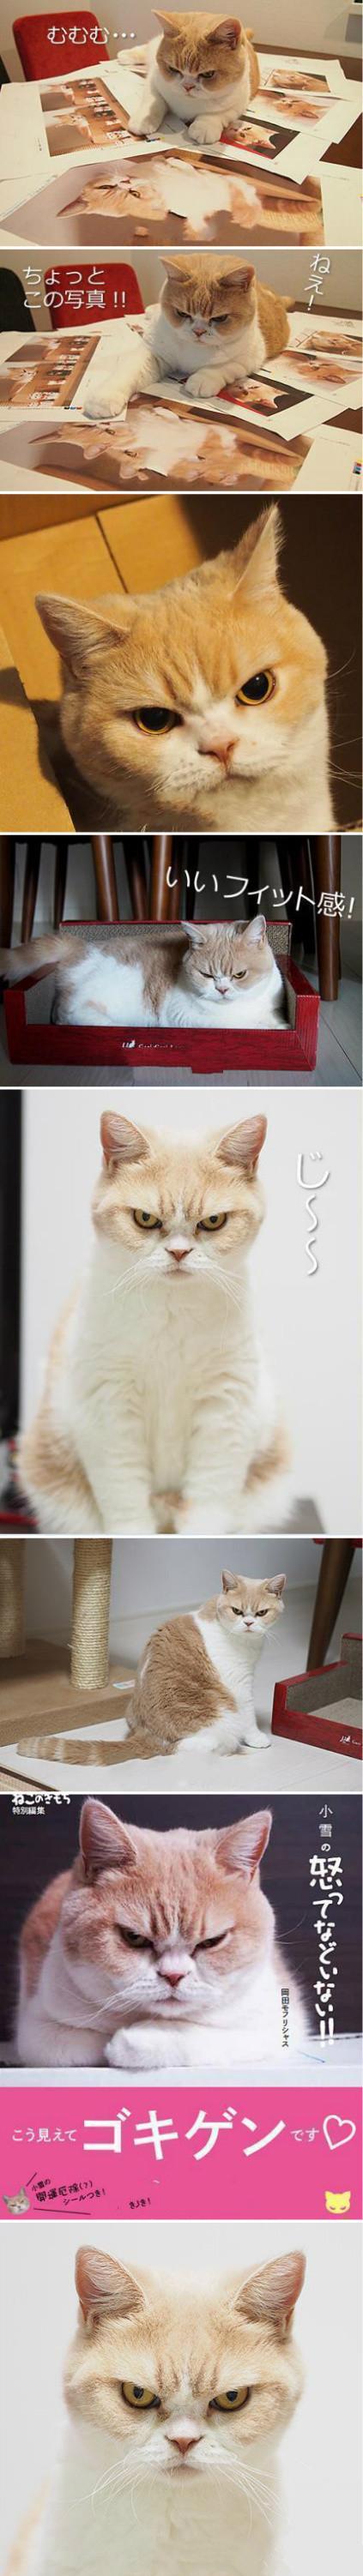 它叫koyuki,中文名小雪,今年7岁,女孩儿。你看它满脸的愤怒,其实它并没有生气,只是天生一副怒颜和那杀气十足的眼神。最近还出了本书,叫《小雪并没有生气》。